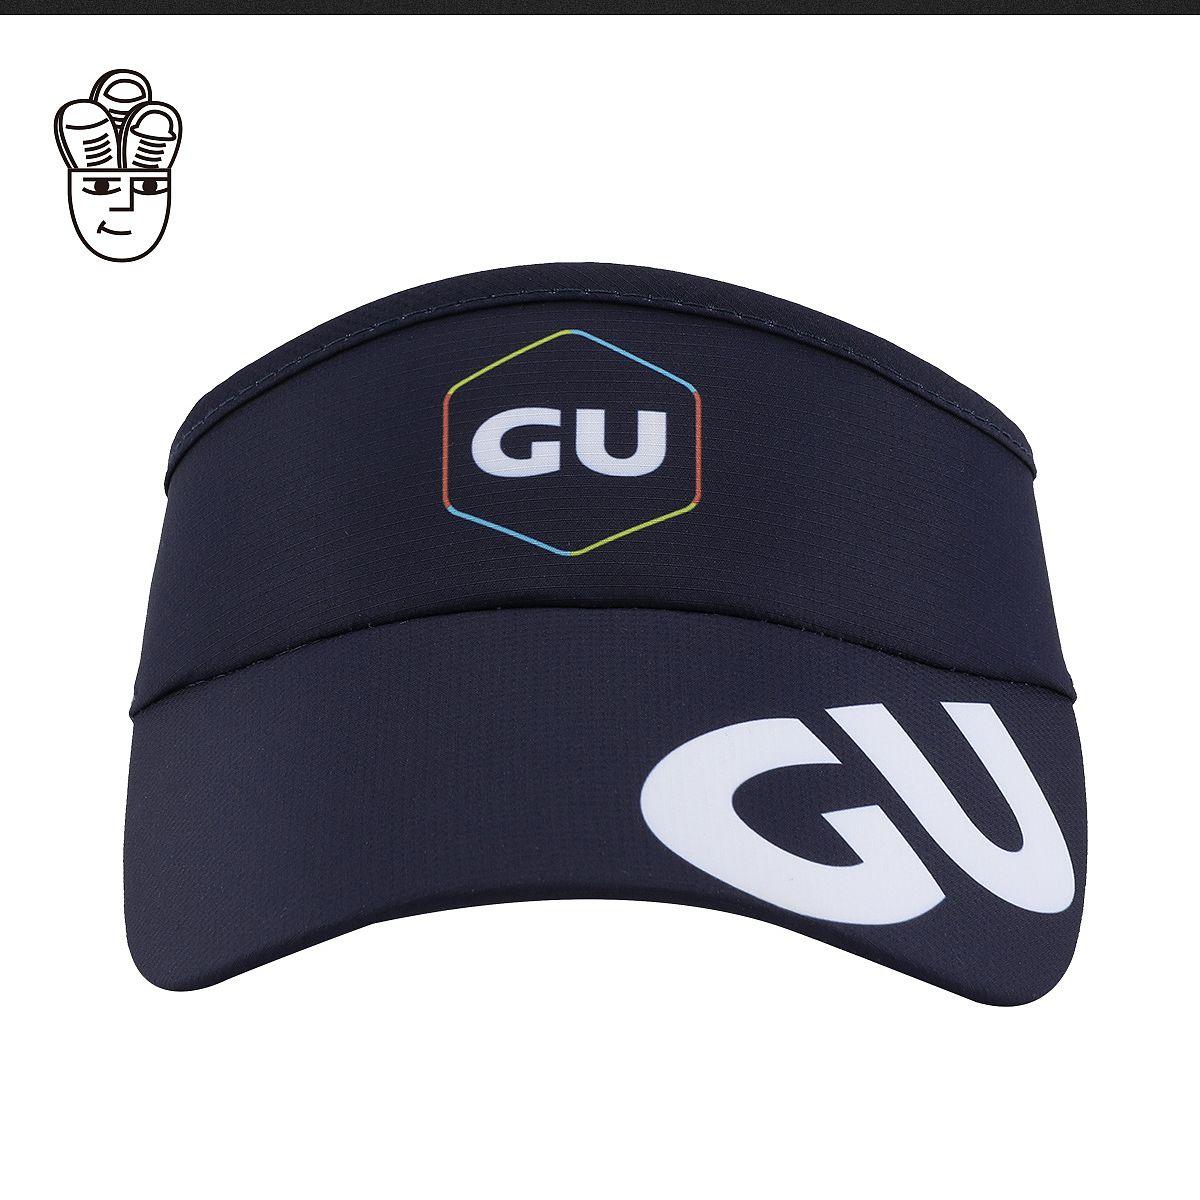 Headsweats empty Hat Unisex sun hat sun hat running marathon outdoor